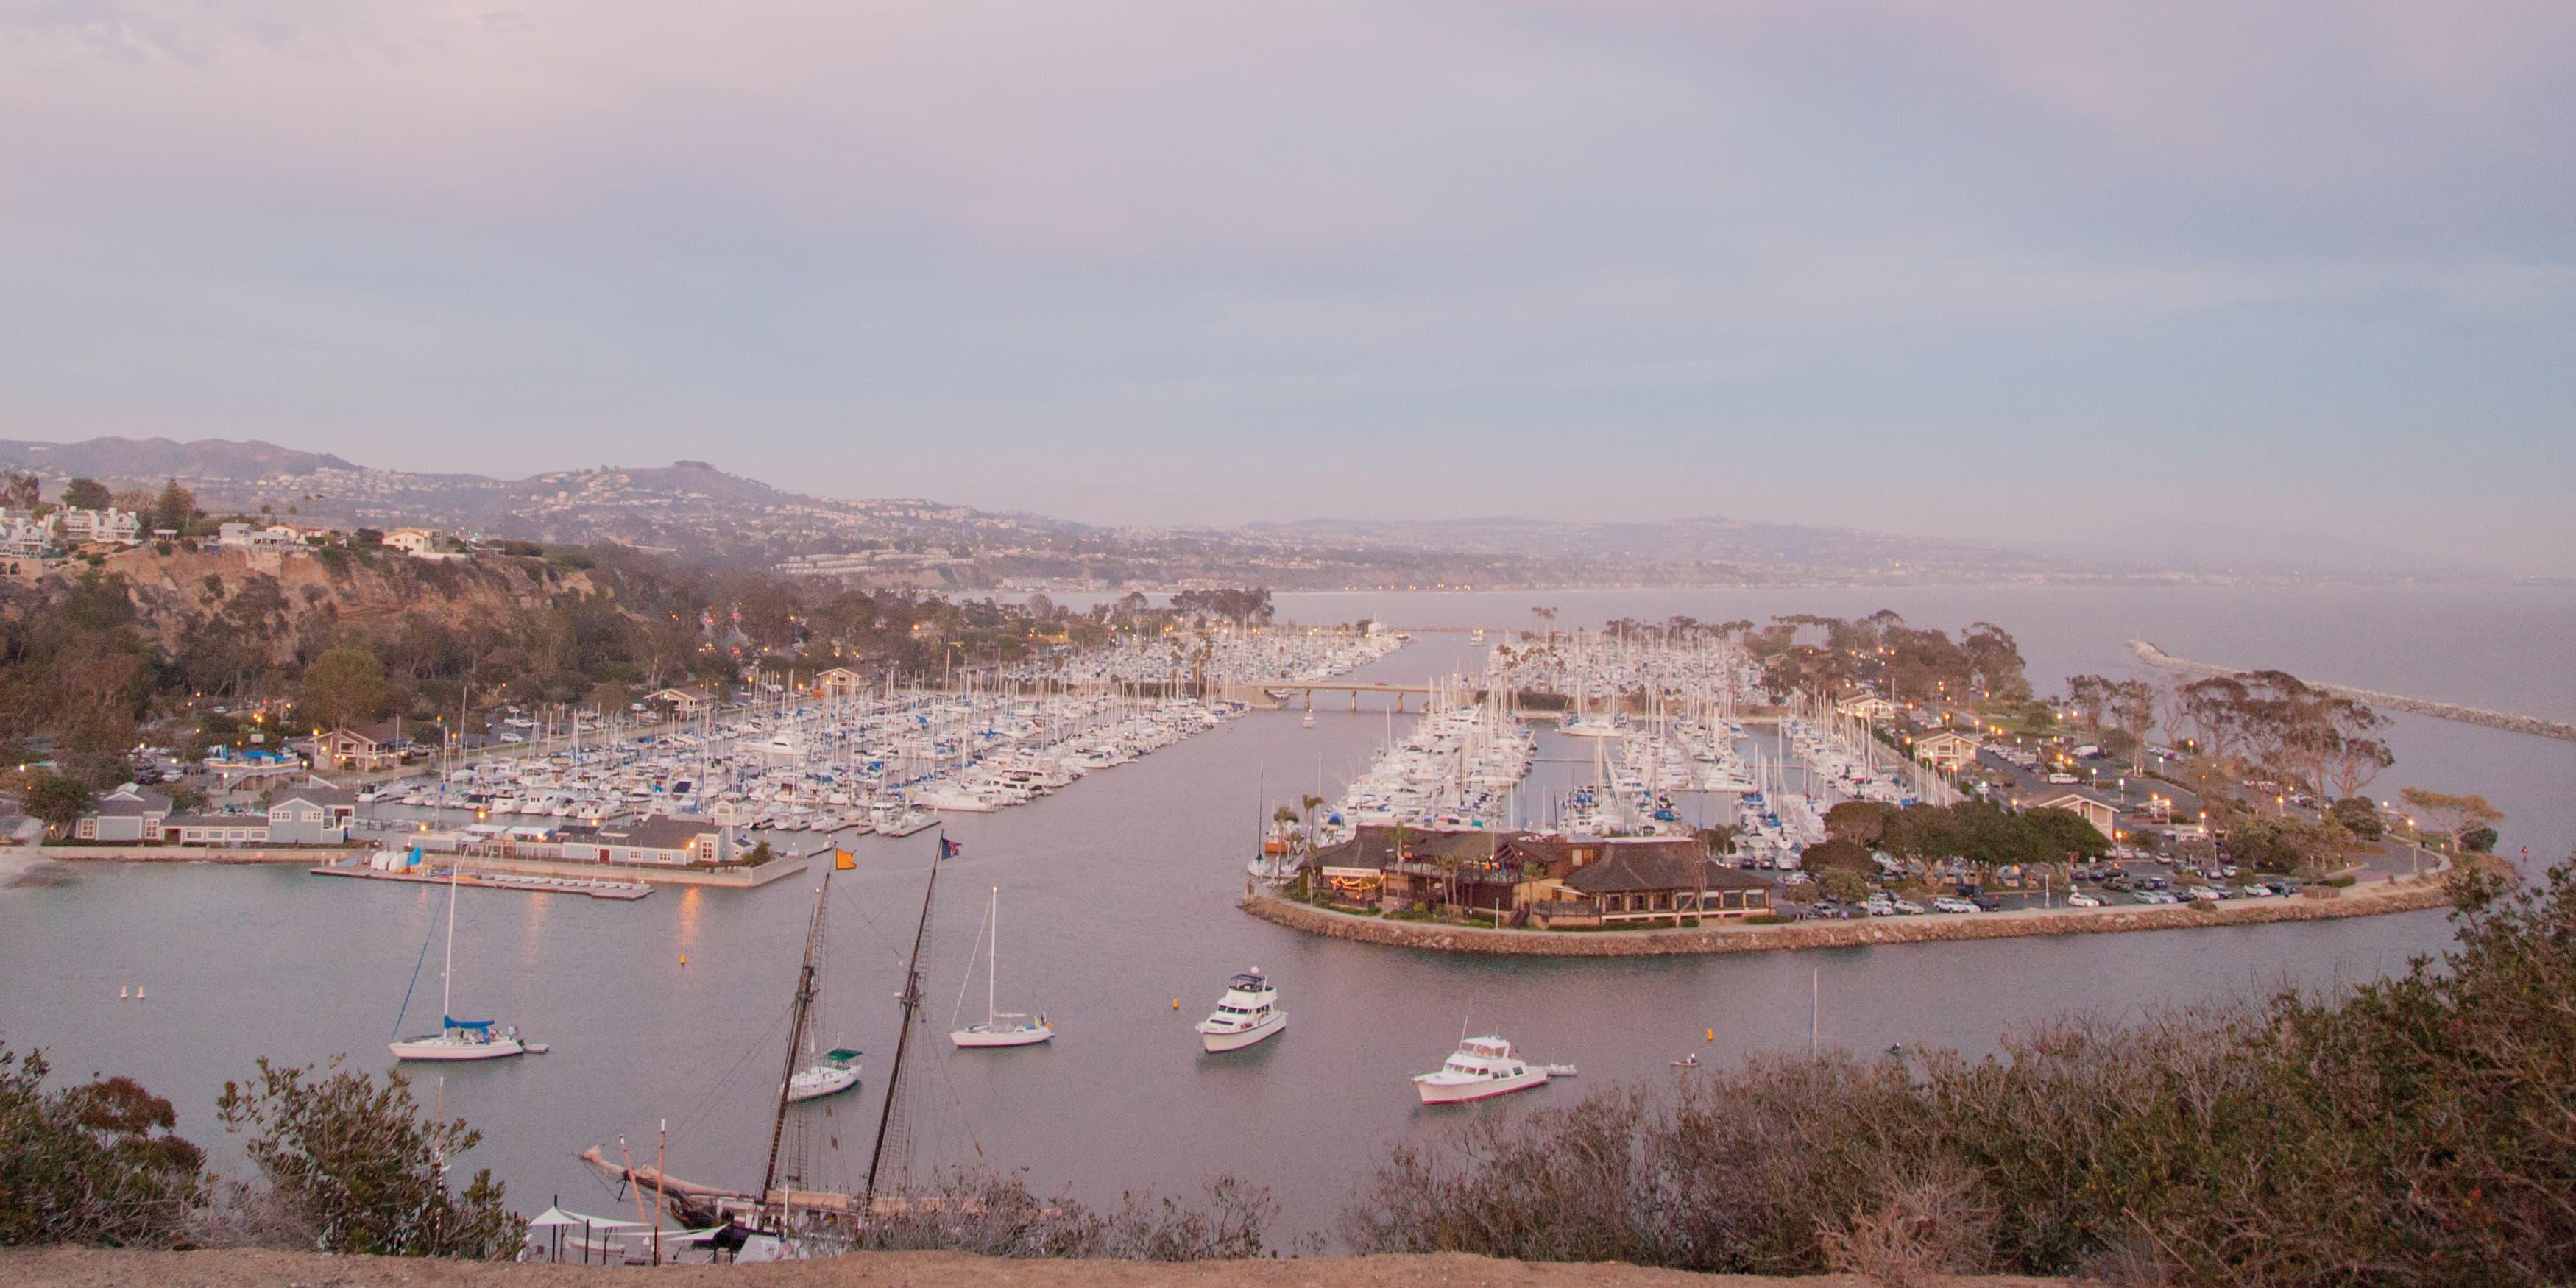 The City of Dana Point Harbor